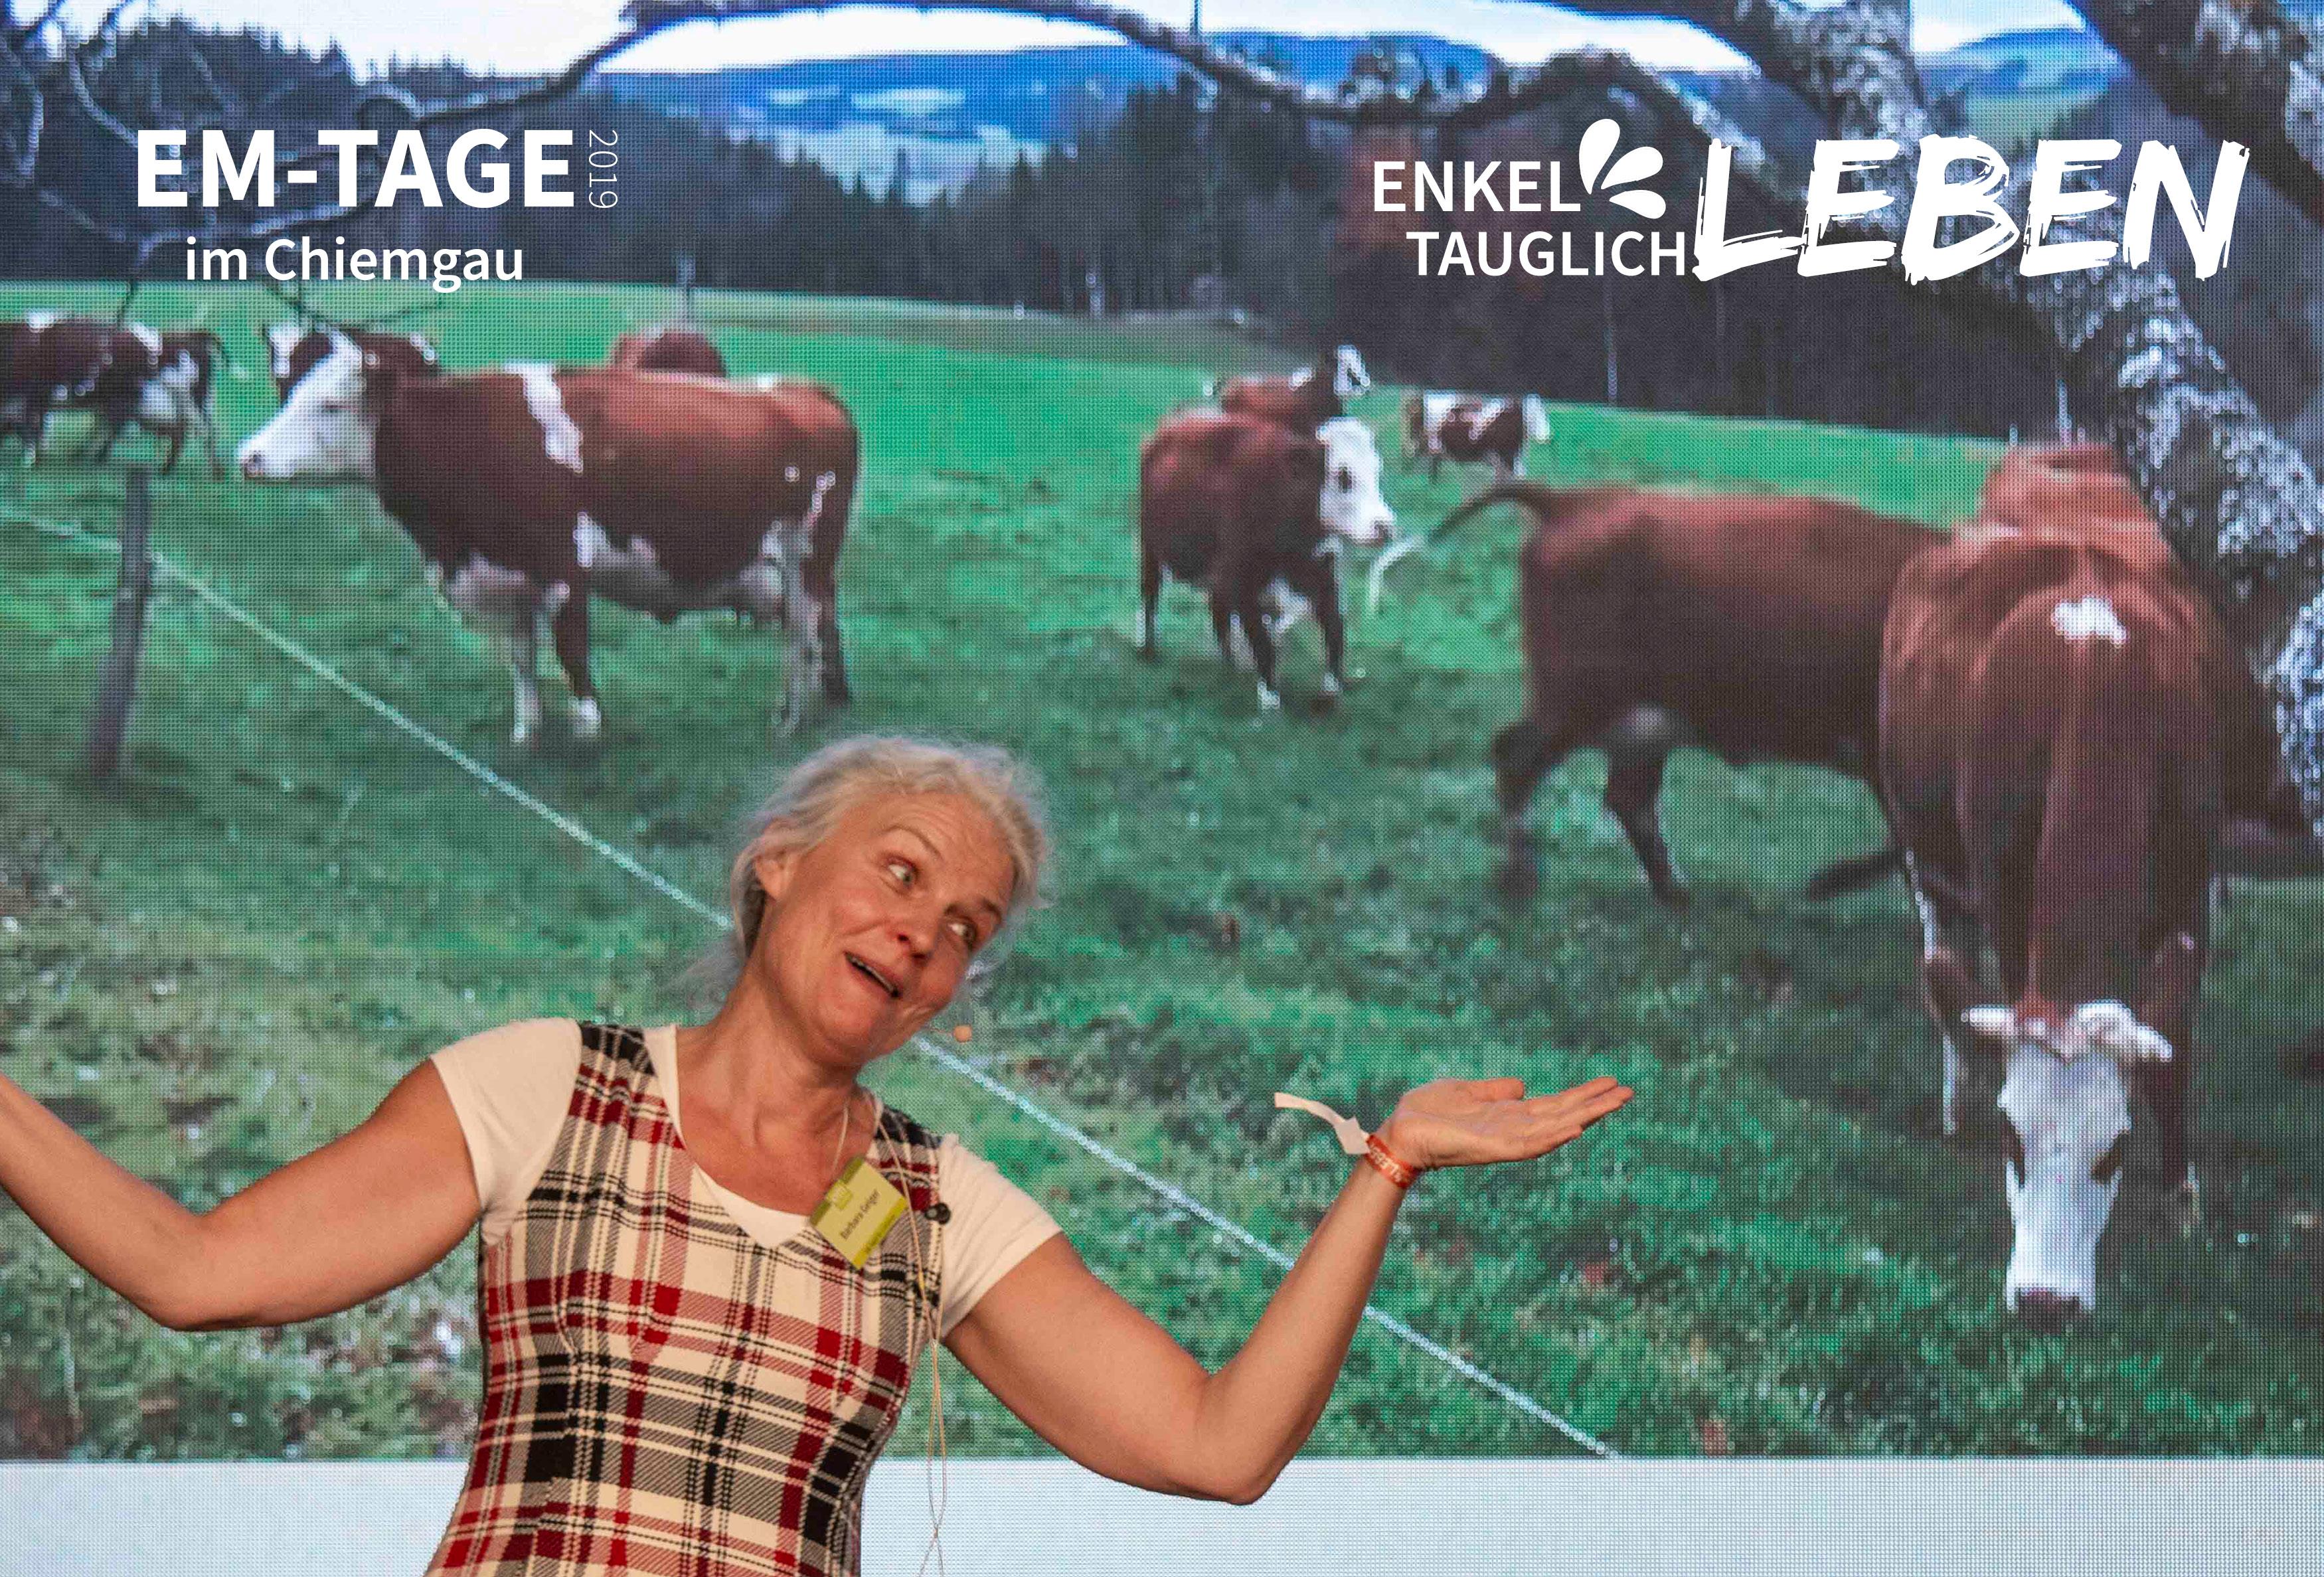 EM-Tage_2019_Garbara_Geiger_Fraulein_Brehm